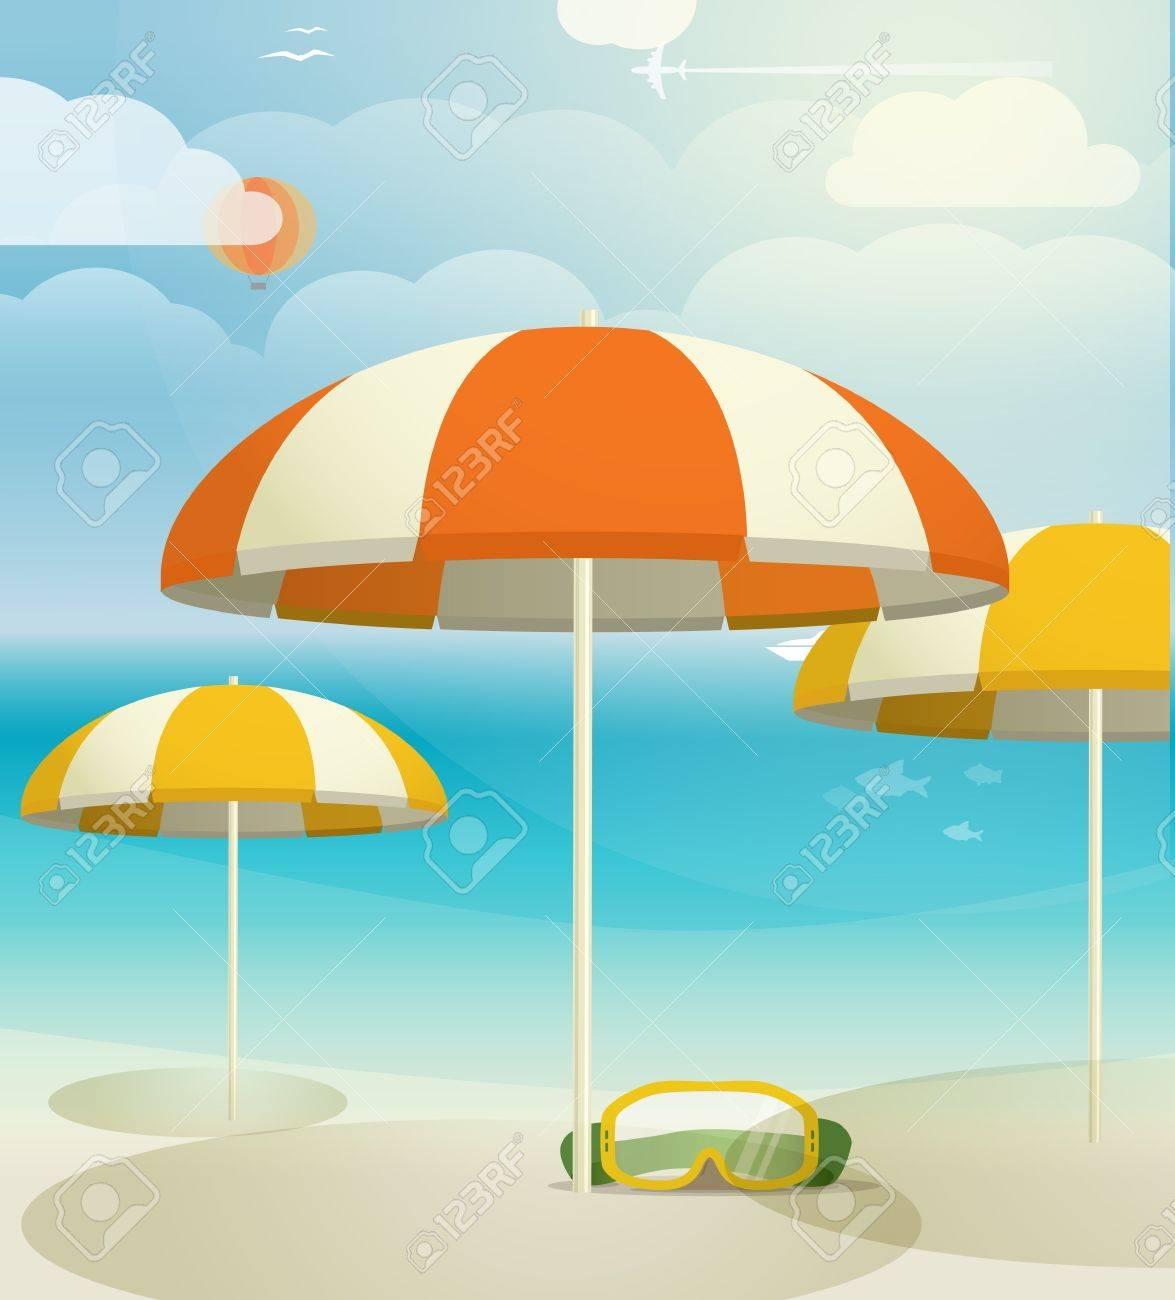 Summer seaside vacation illustration Stock Vector - 21599882